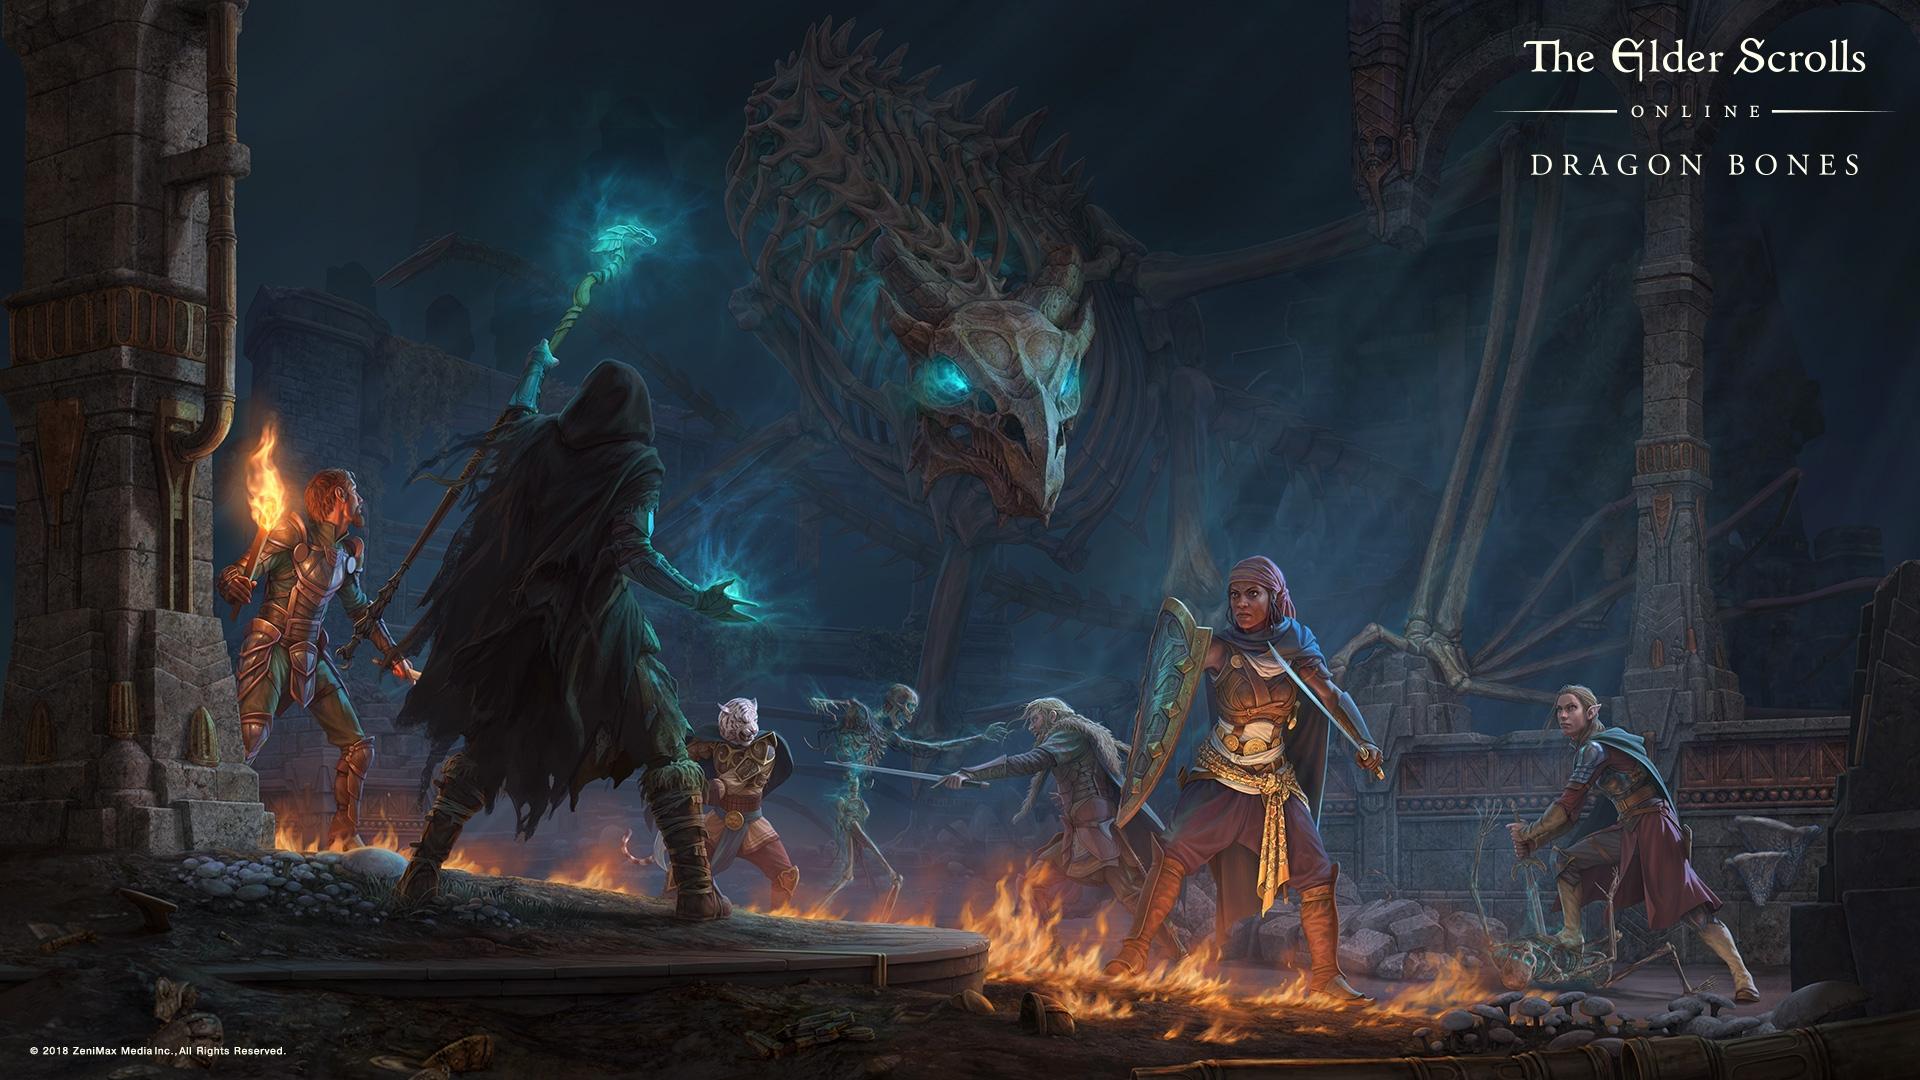 The Elder Scrolls Online: Dragon Bones Reviews - OpenCritic